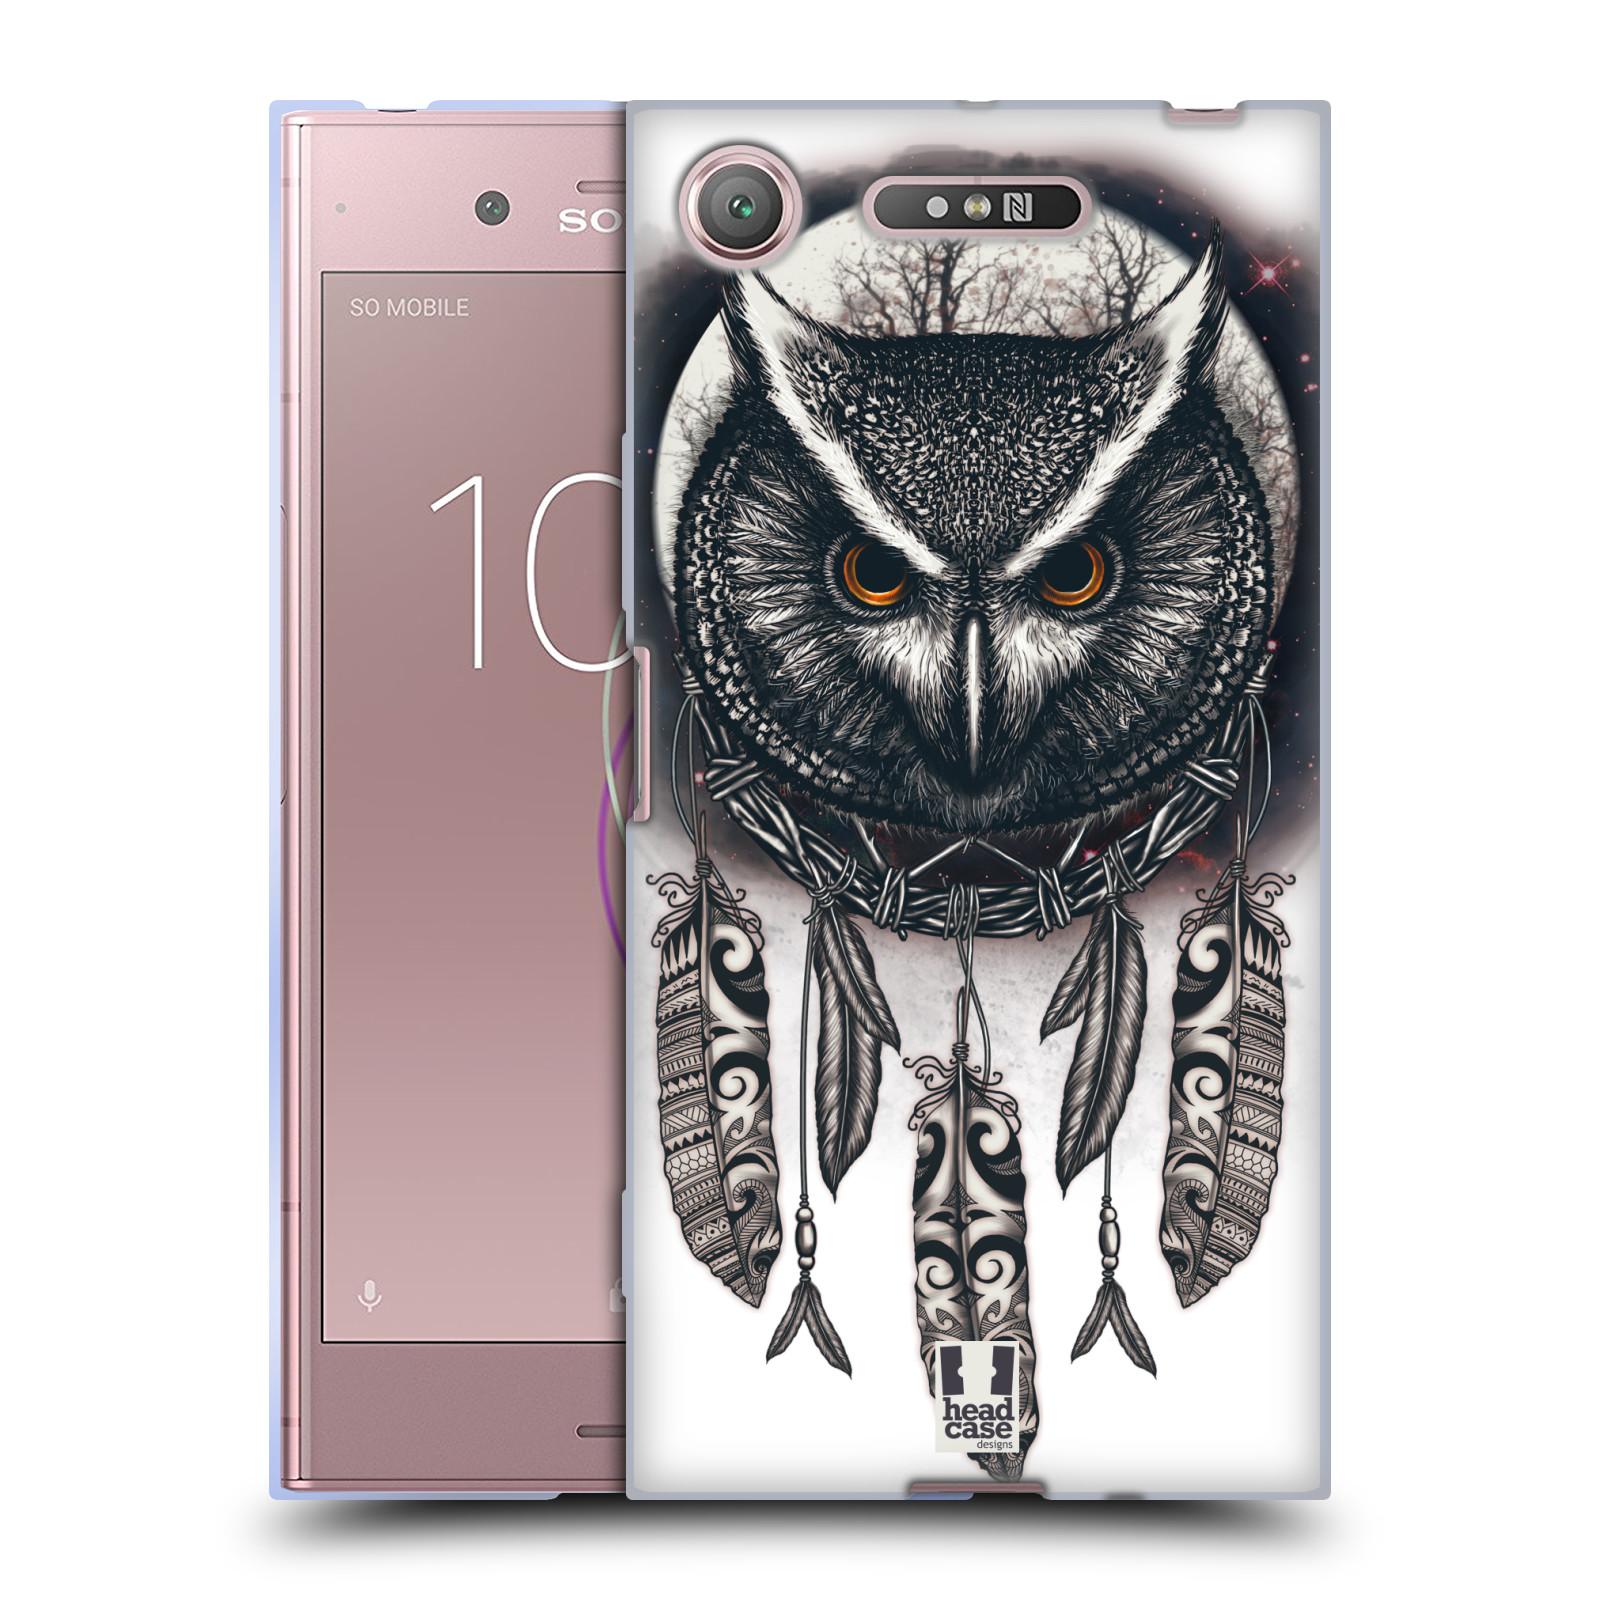 Silikonové pouzdro na mobil Sony Xperia XZ1 - Head Case - Soví lapač